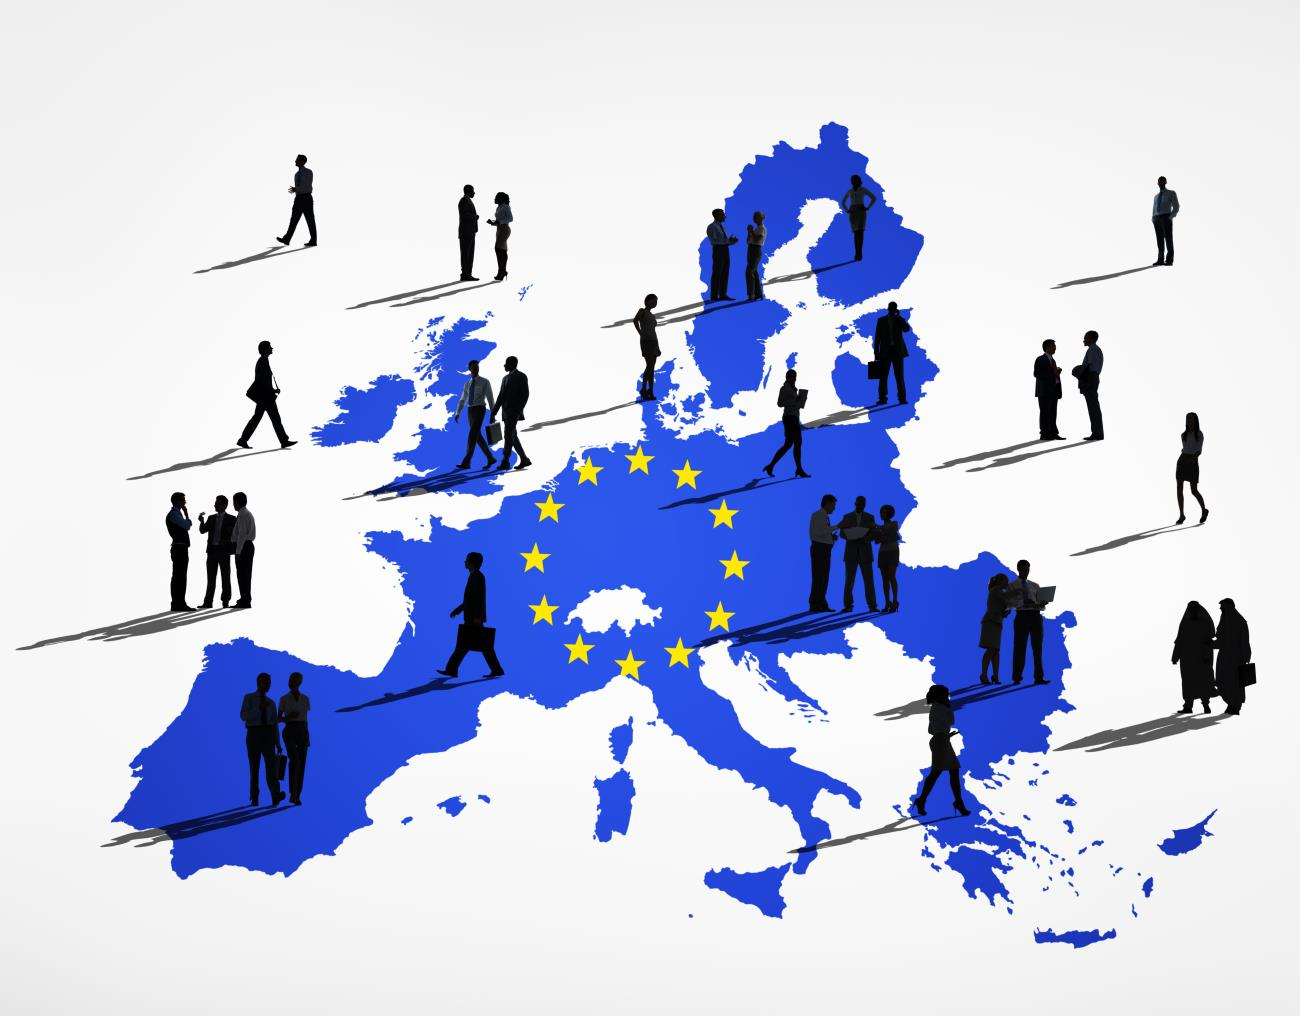 Od 15 maja 2019 tańsze połączenia międzynarodowe w UE. Przydatne w wakacje!